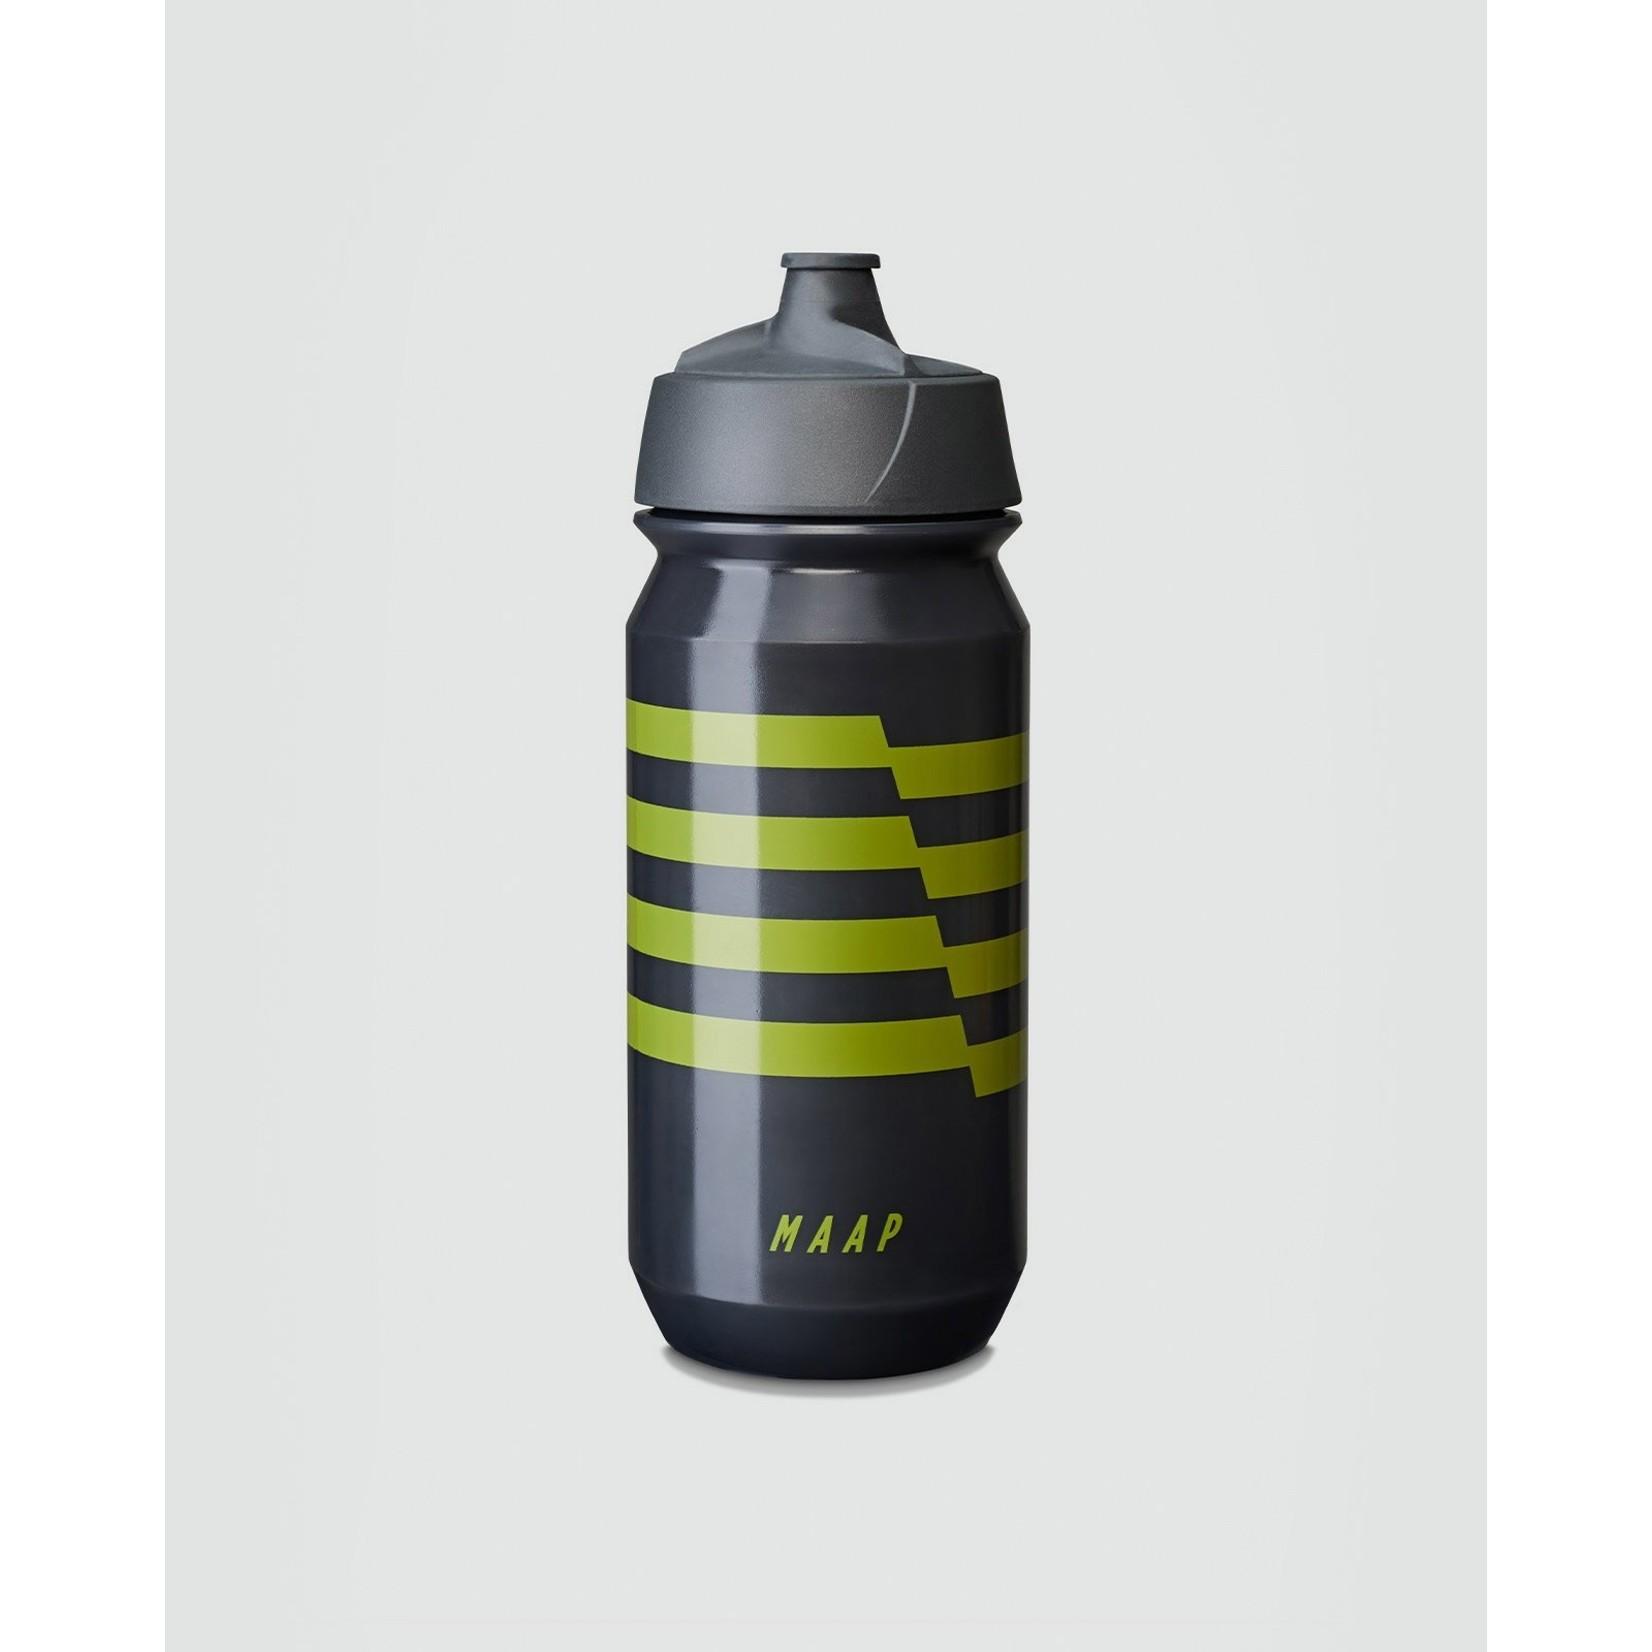 MAAP Emblem Bottle - Smoke / Fern